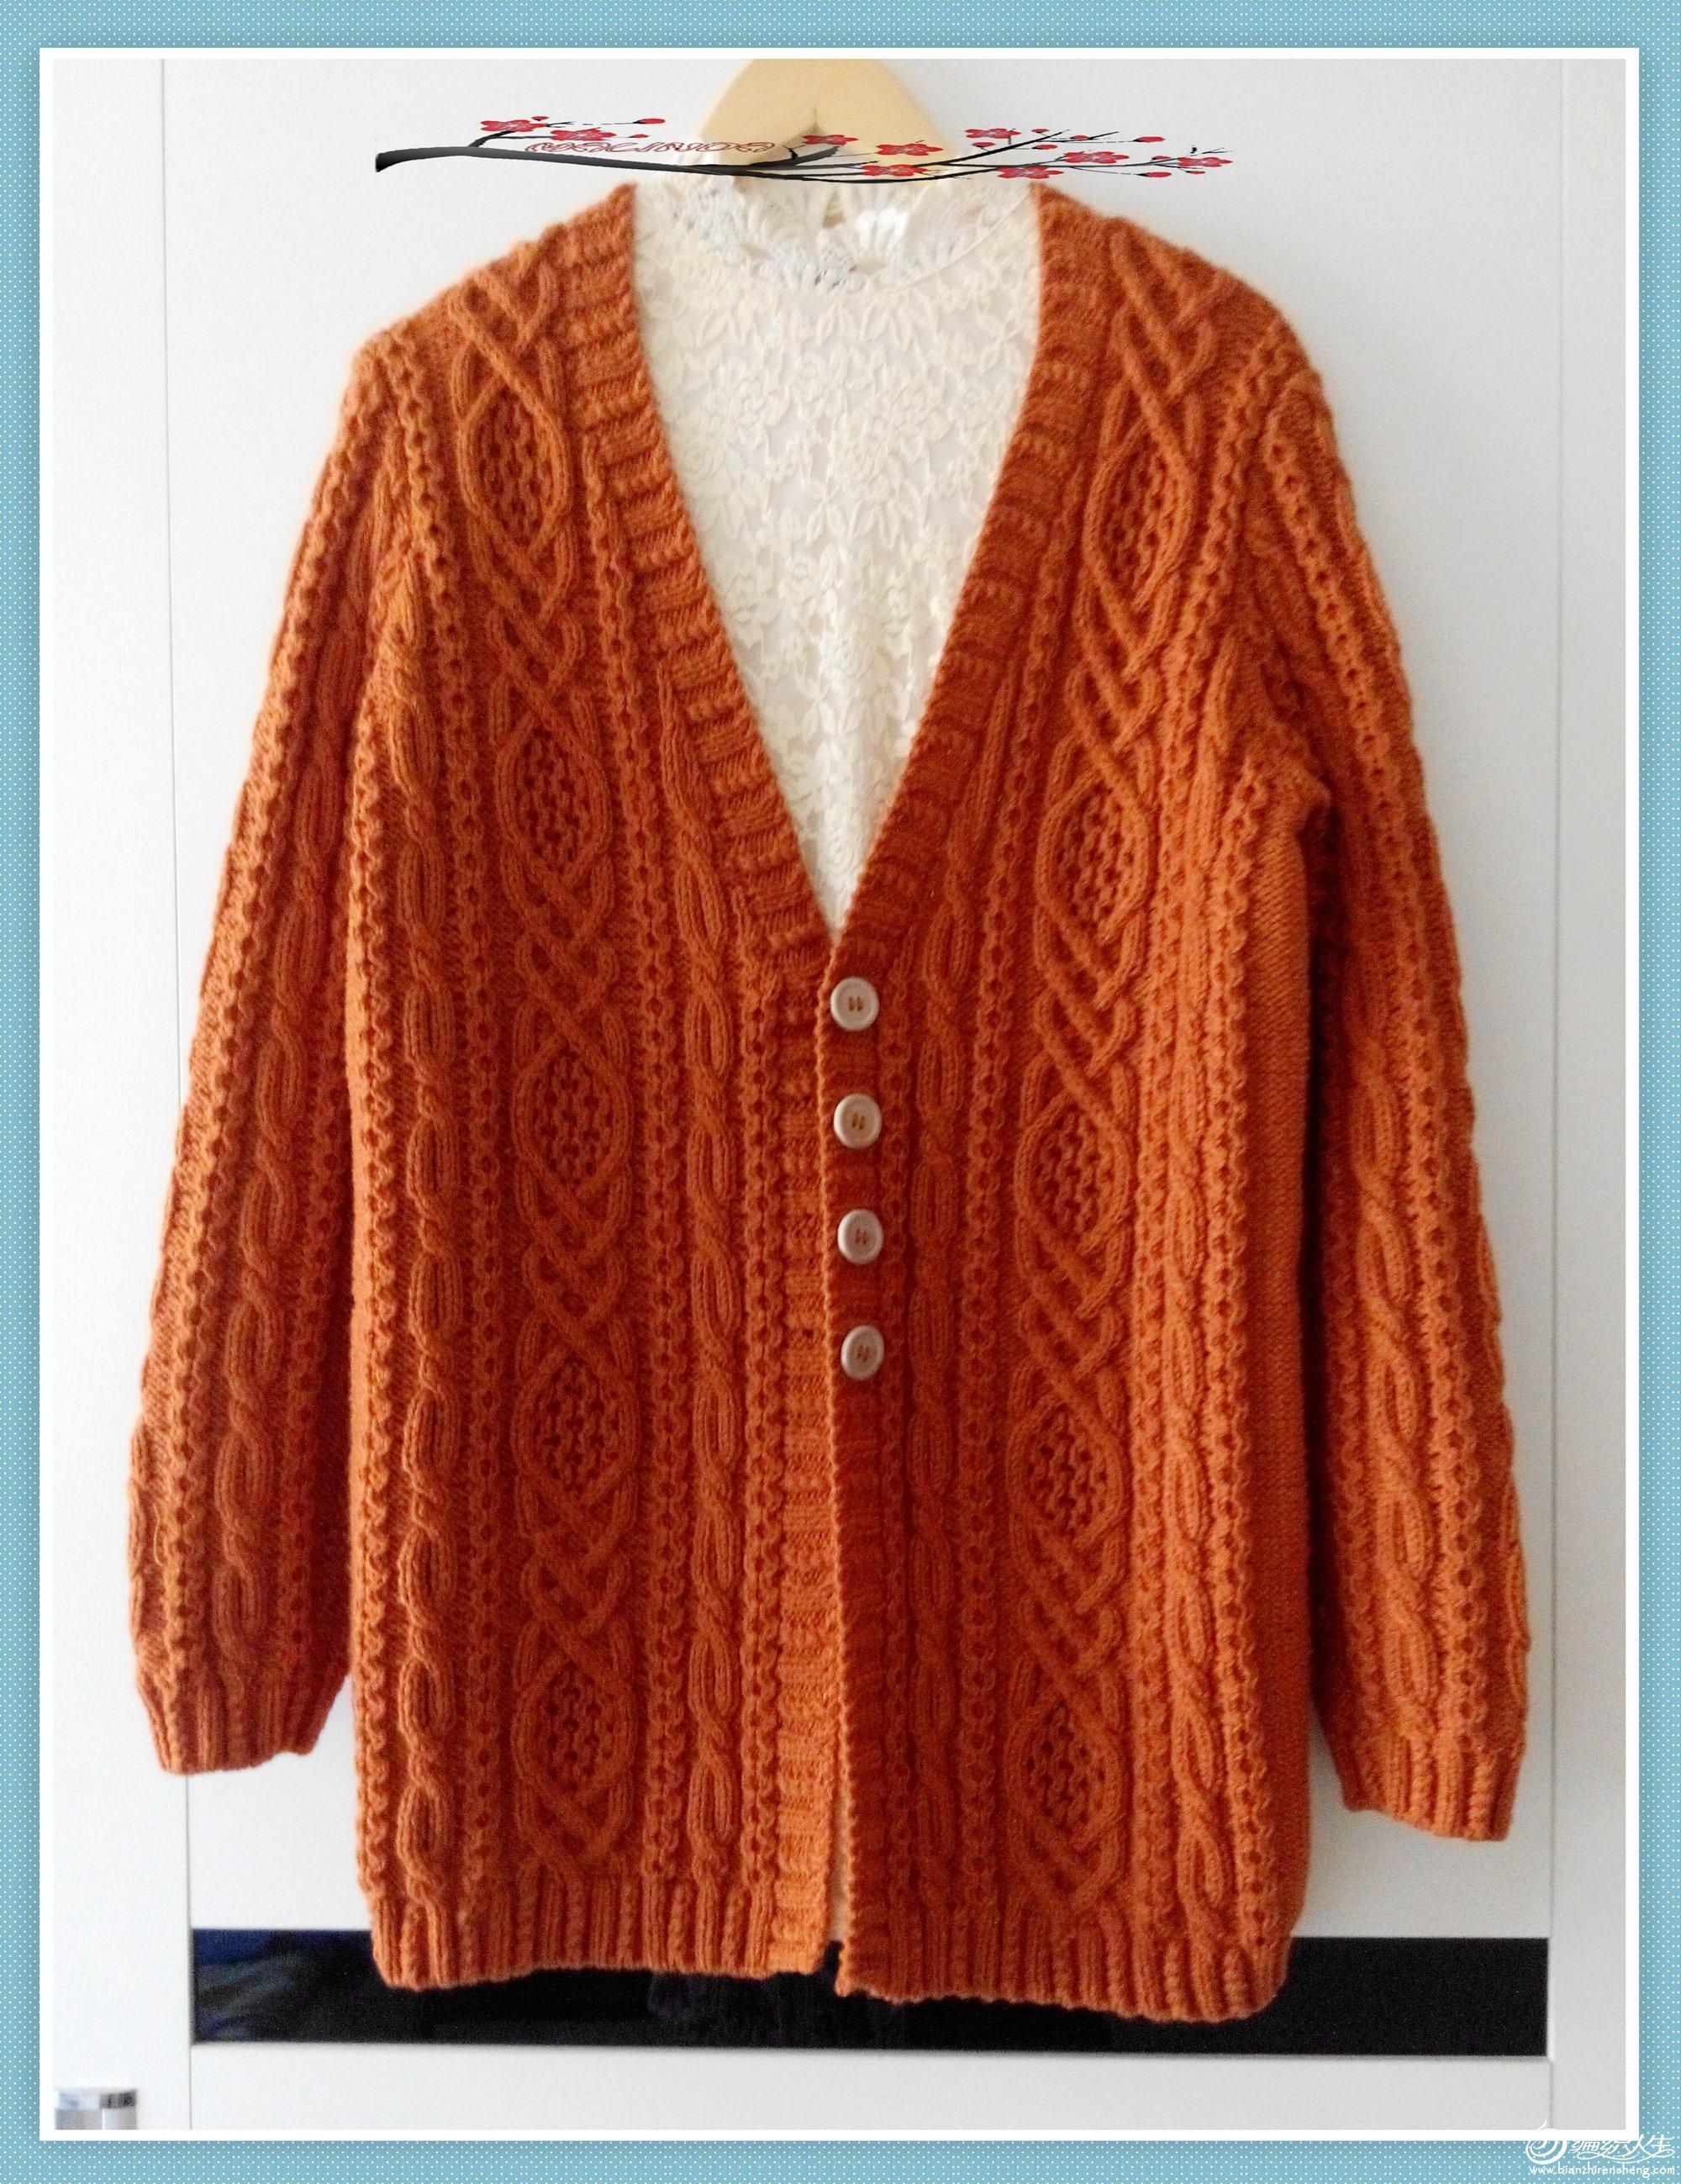 女士毛衣款式图_粗线毛衣织法_毛衣织法_毛衣领子的织法_毛衣袖子的织法